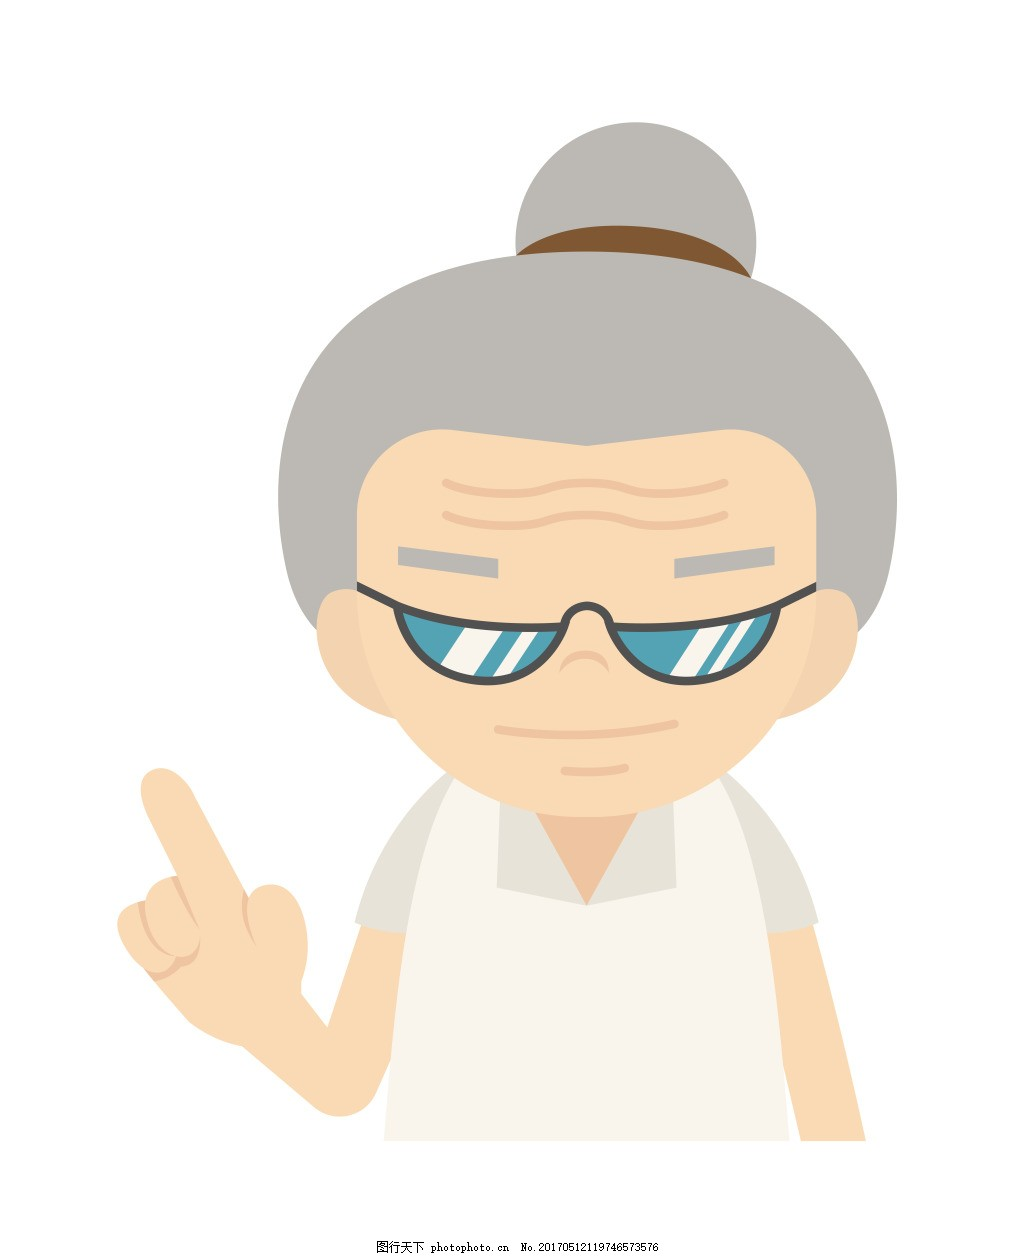 矢量糖醋老奶奶eps 卡通人物图标图片下载 工作 人员 行业 扁平图片